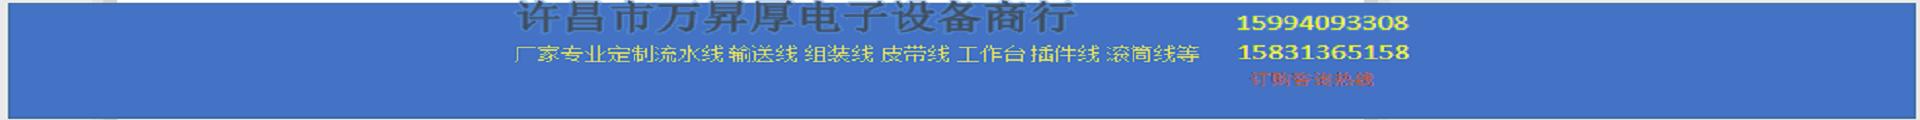 许昌市魏都区万昇厚电子产品配件商行